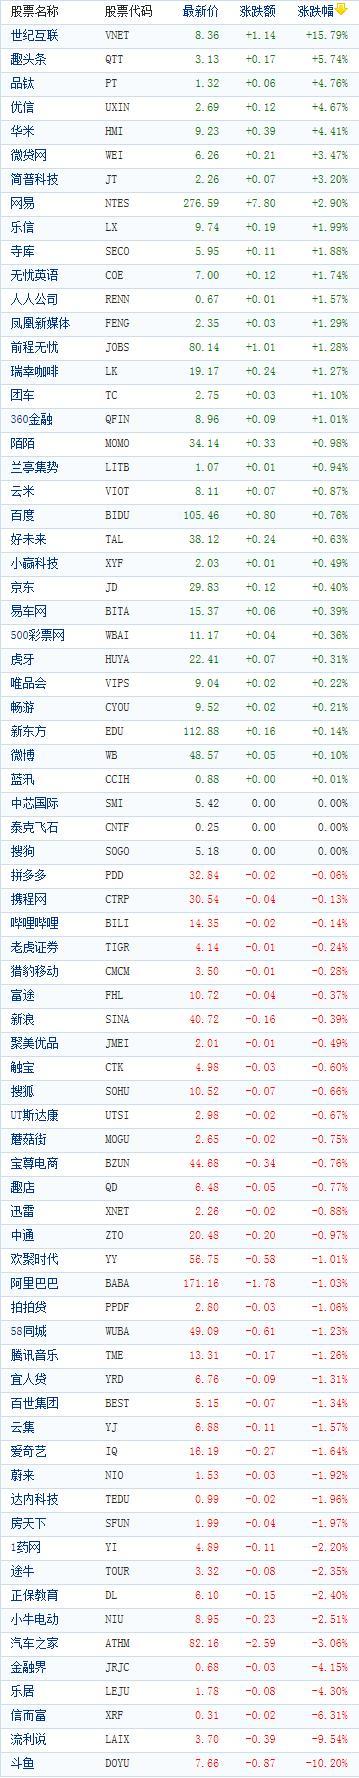 中国概念股周一收盘涨跌互现 世纪互联飙涨逾15%